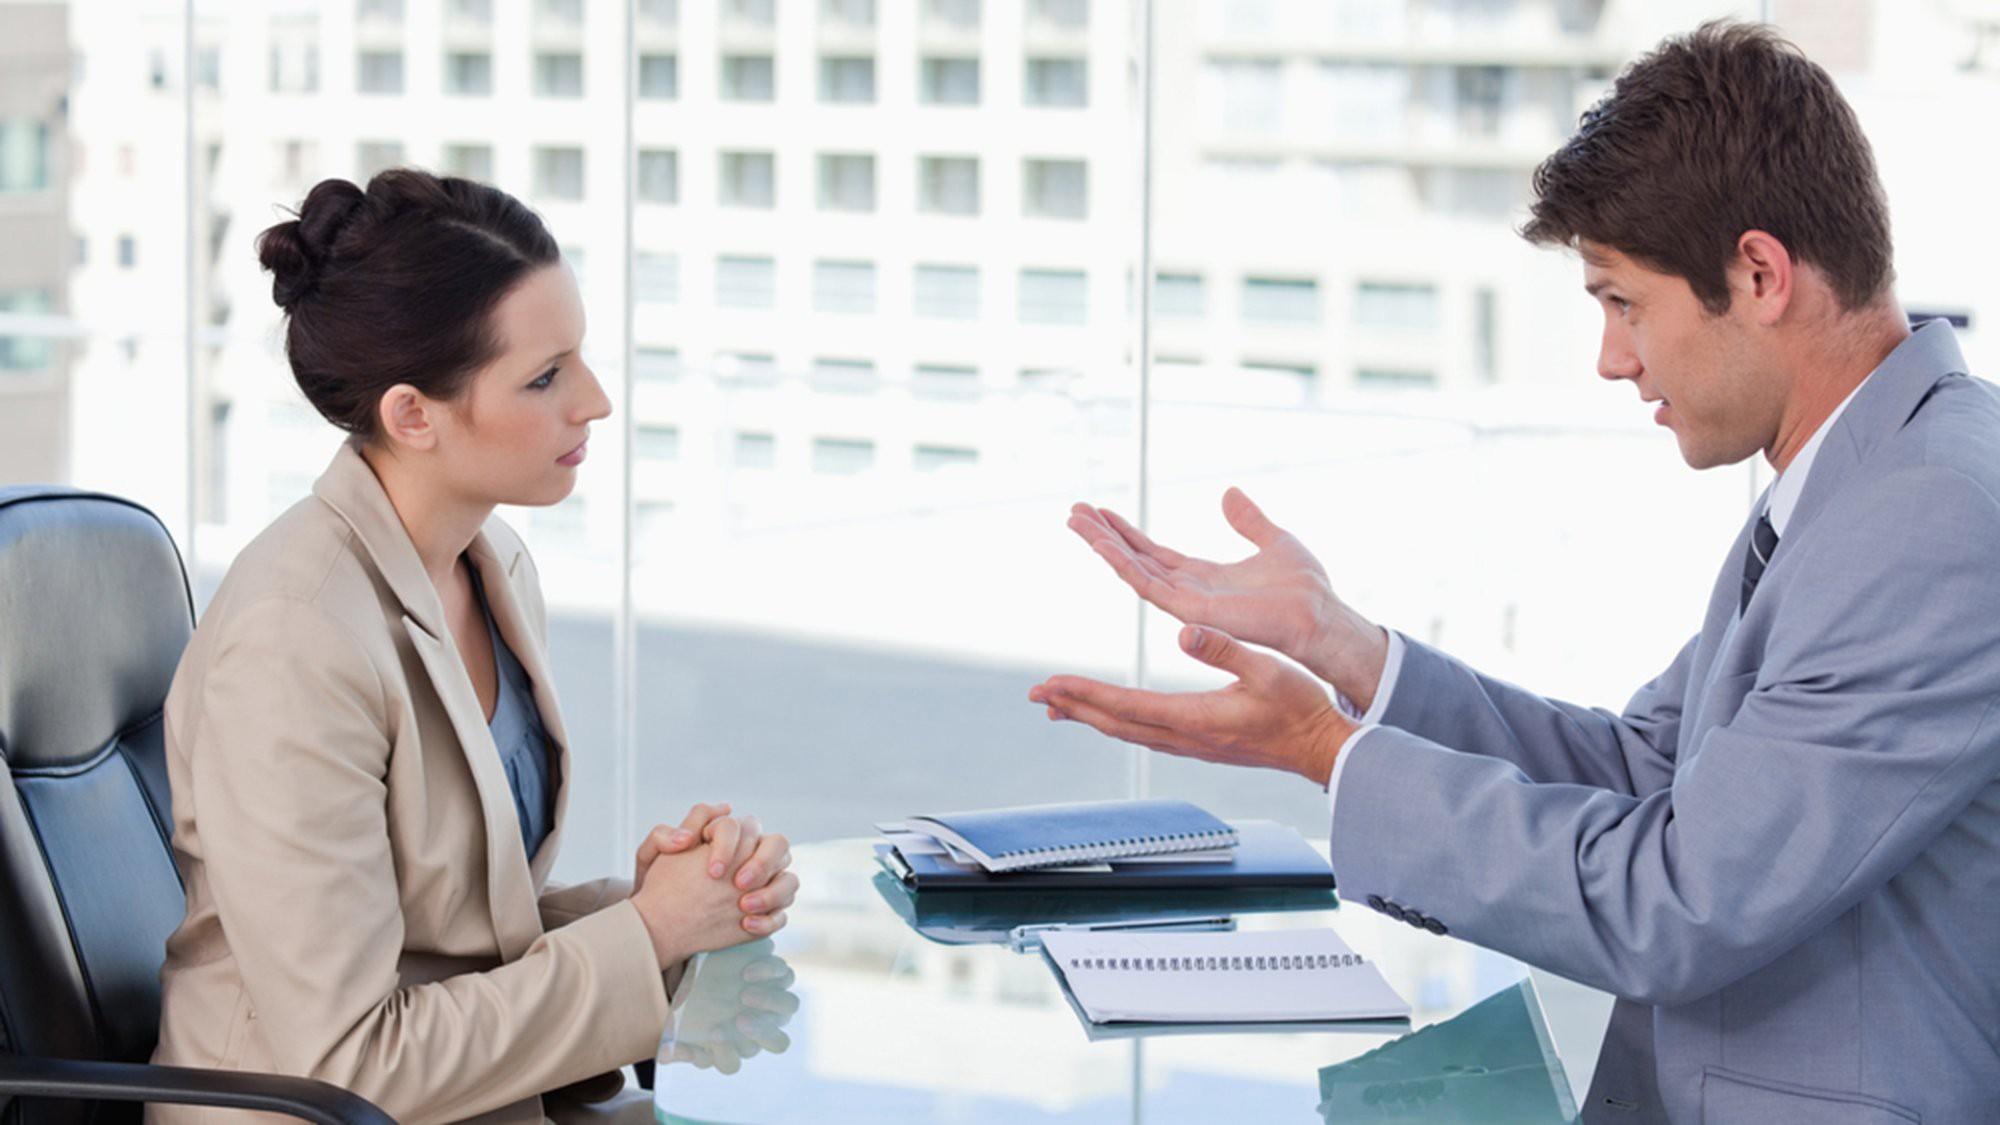 Kỹ năng đàm phán và thương lượng trong kinh doanh bạn không nên bỏ lỡ -  Phần mềm chính hãng ATP Shop   Phần Mềm Facebook, Zalo, Instagram